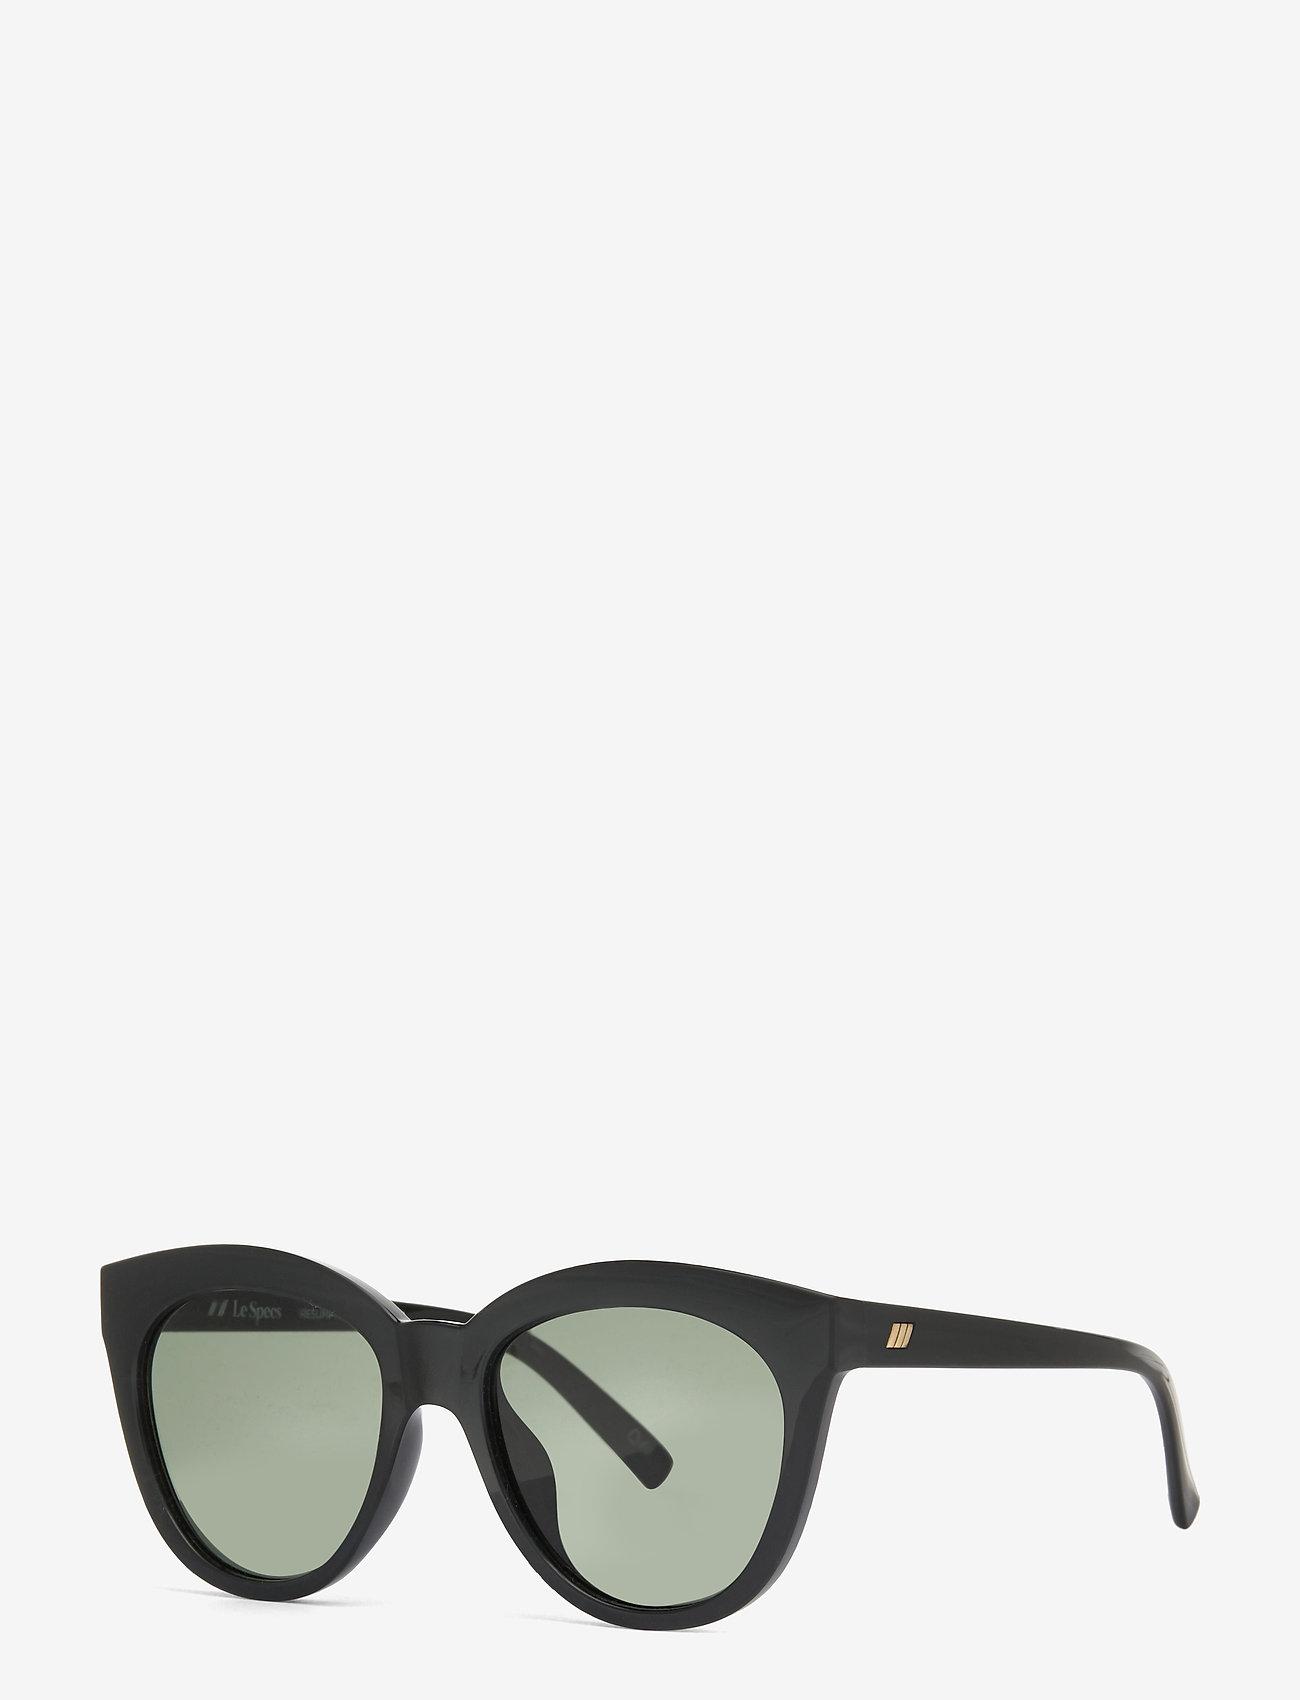 Le Specs - LE SUSTAIN - RESUMPTION - rond model - black w/ khaki mono lens - 1